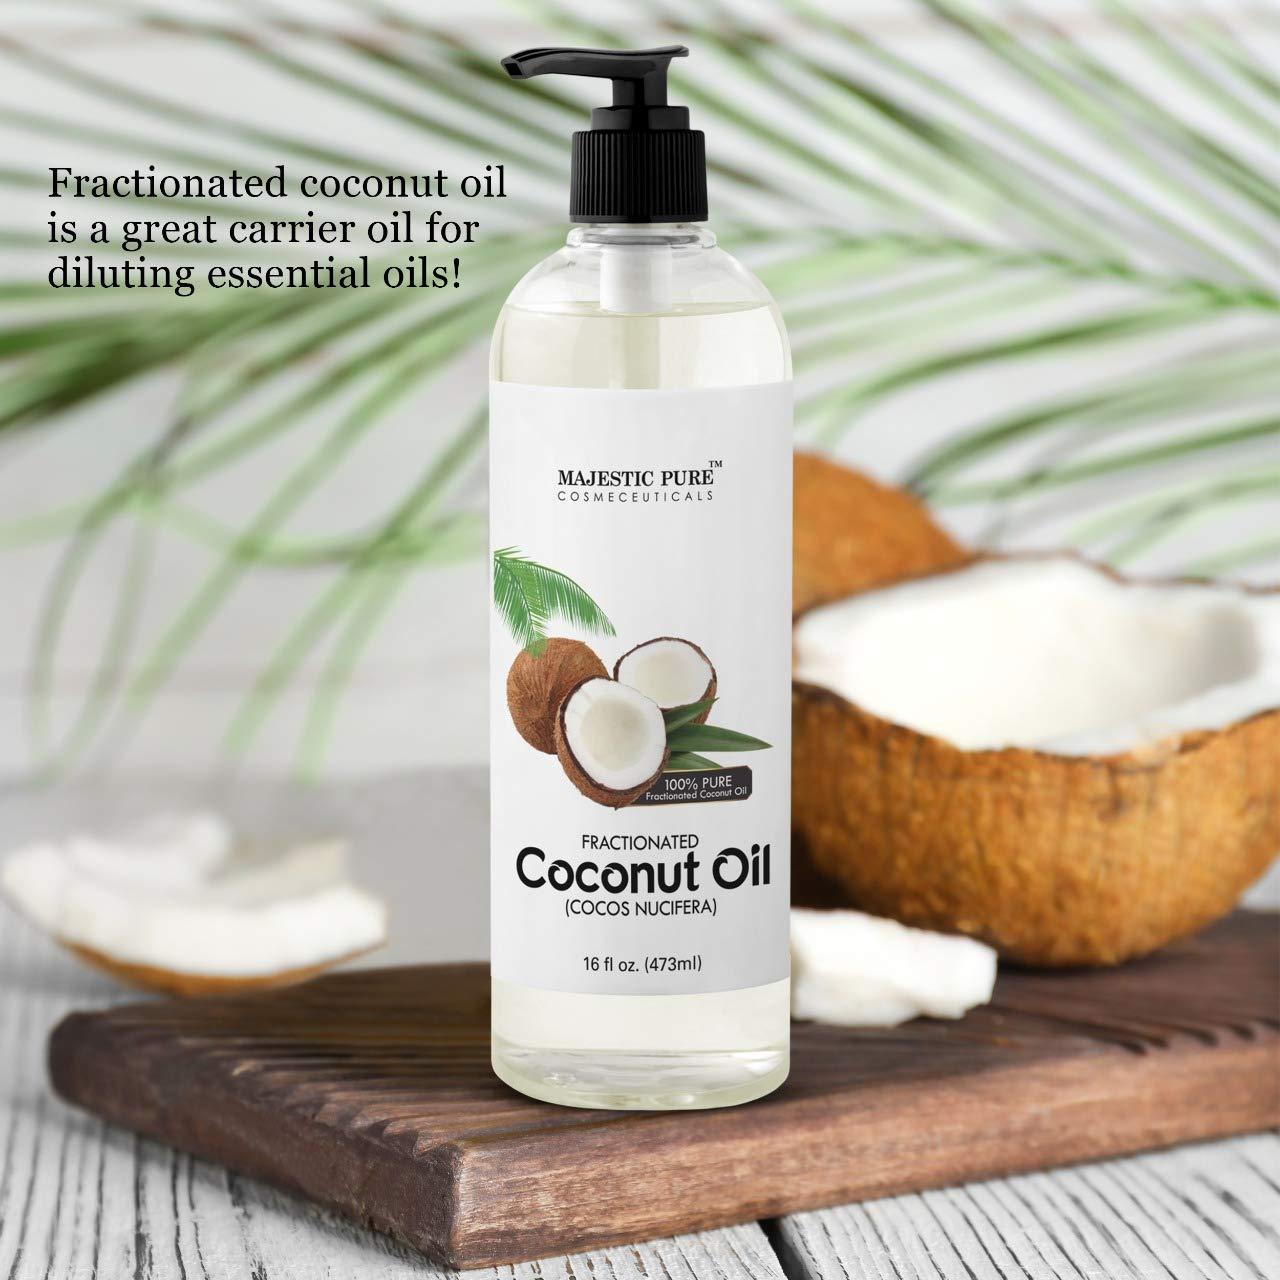 Reines fraktioniertes Kokosöl Coco von Majestic 473 ml